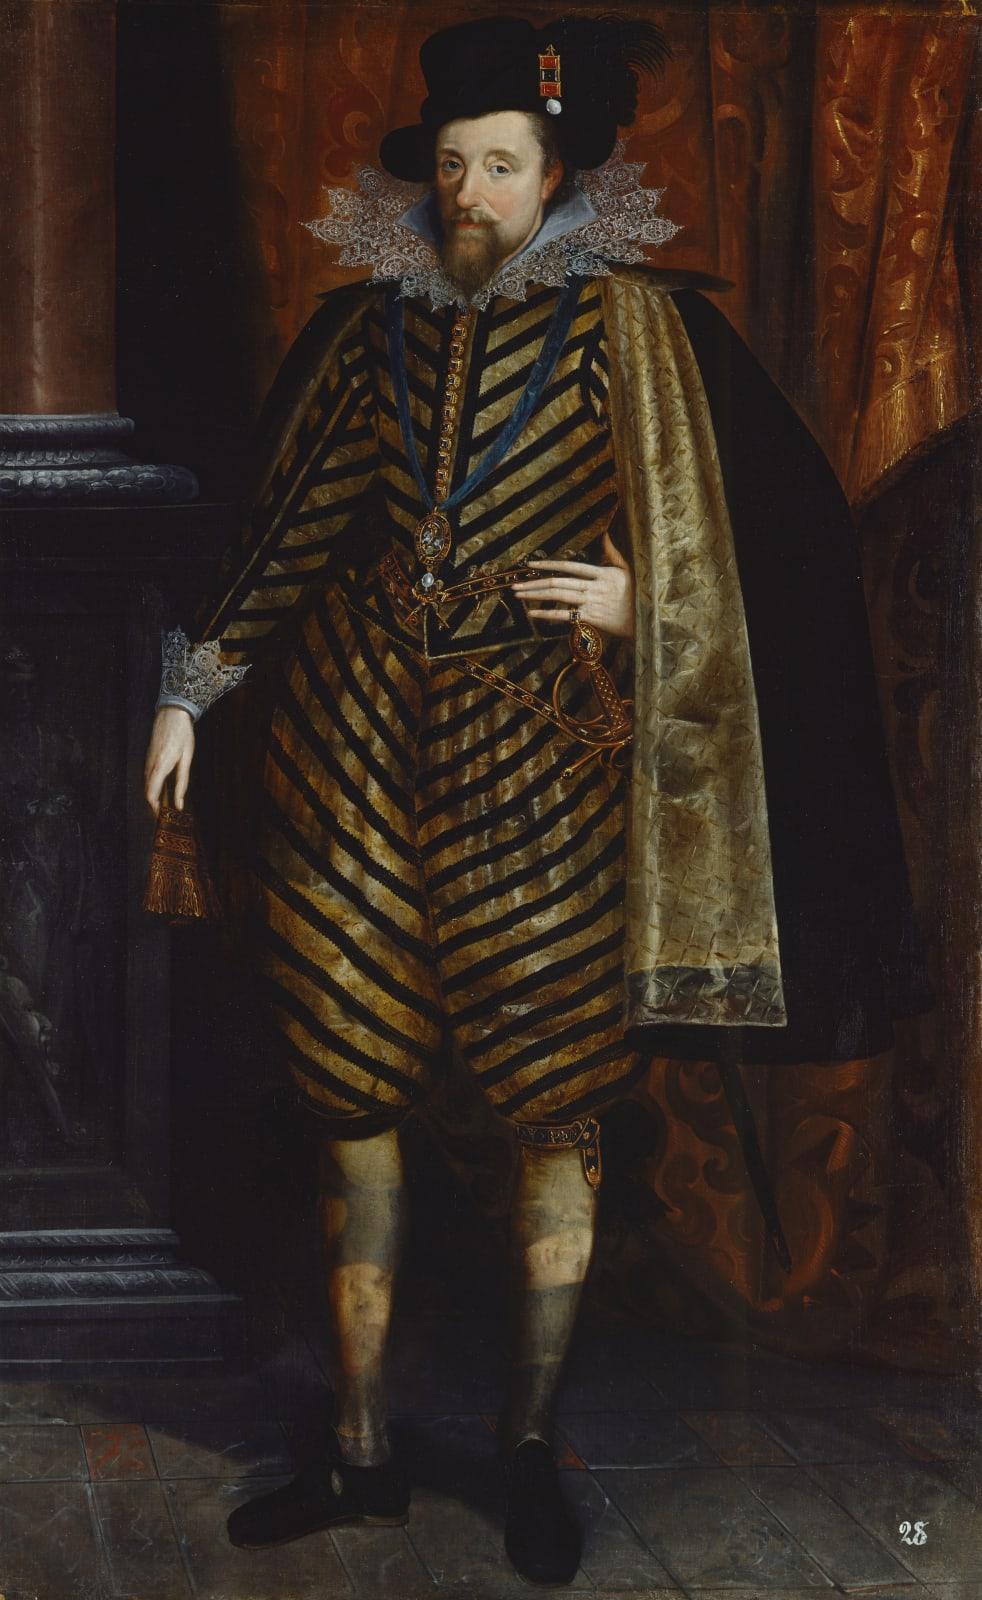 James VI of Scotland & I of England (1566 - 1625)